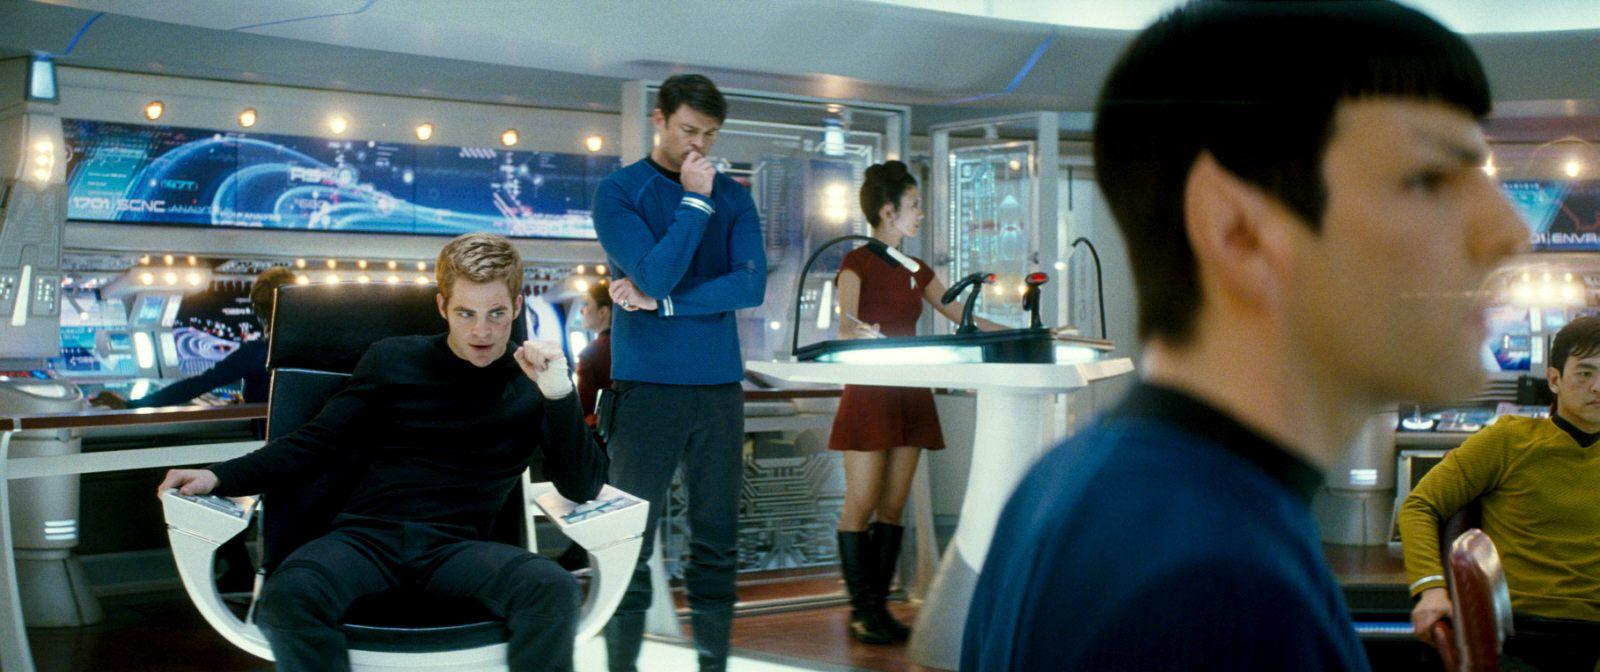 Ex Astris Scientia The New Enterprise Design Star Trek Bridge